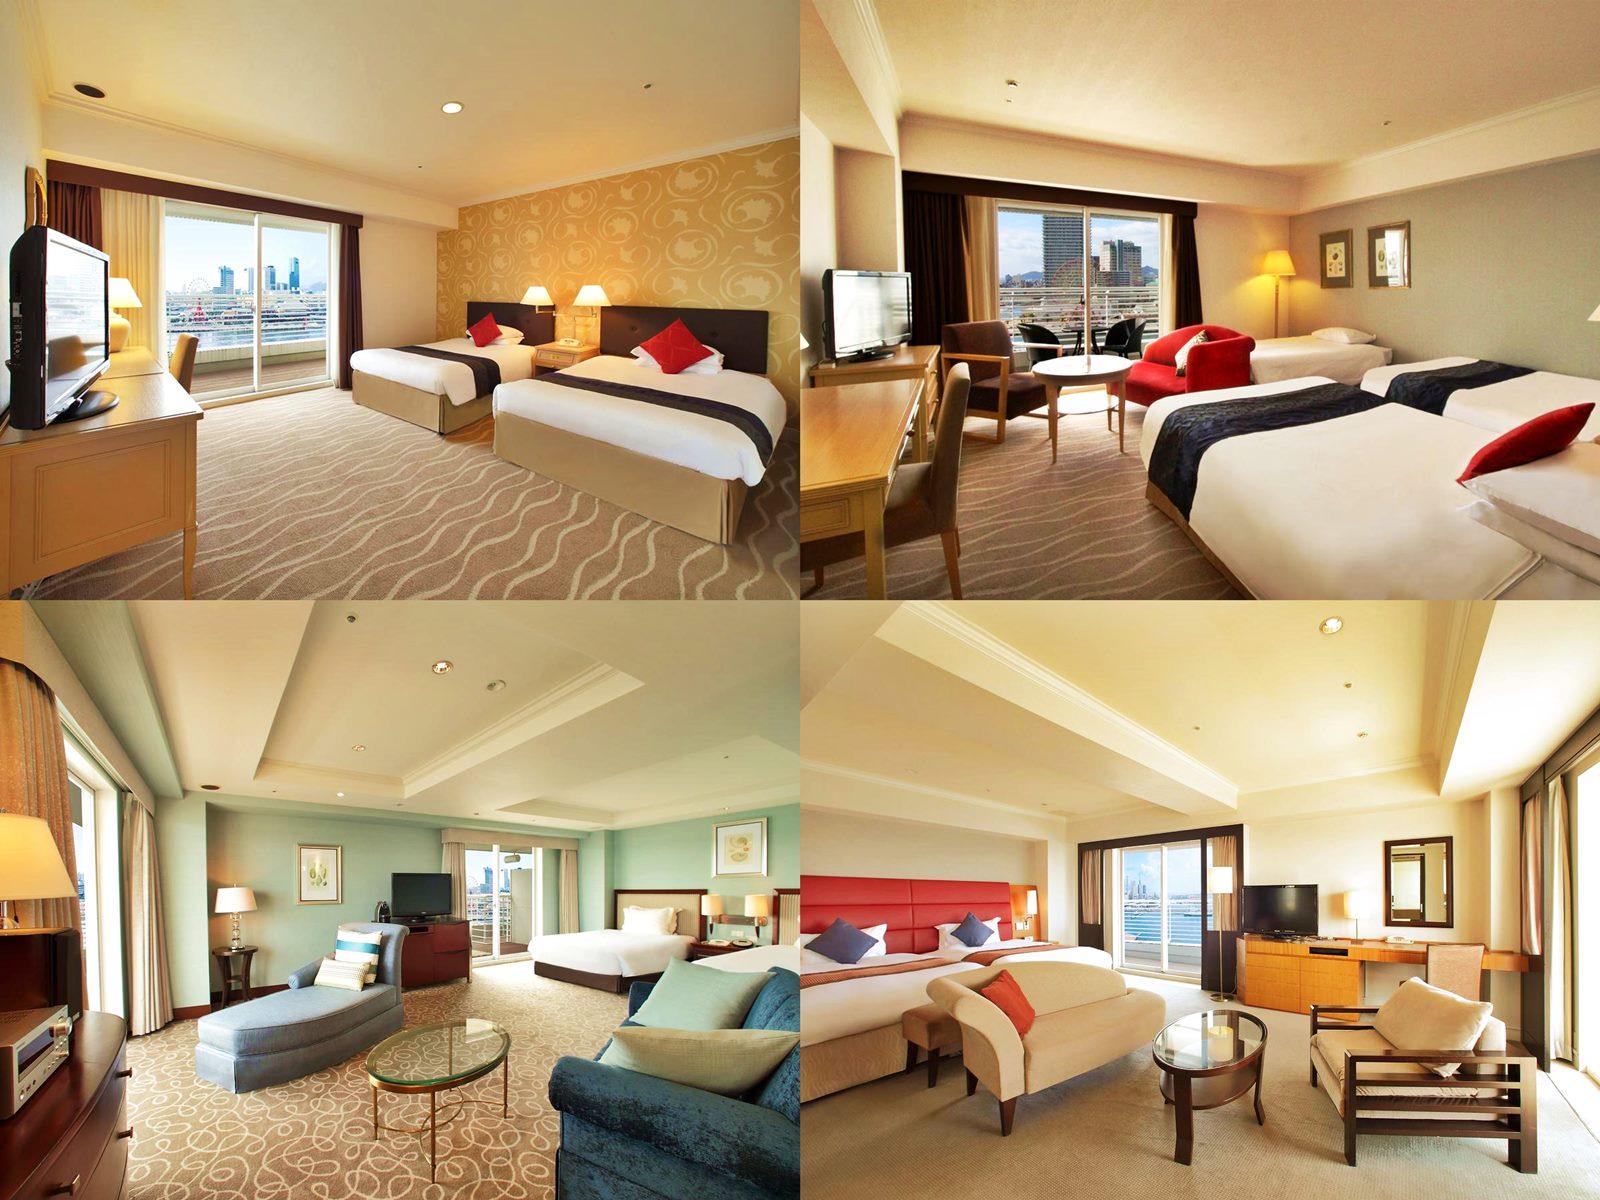 神戶-住宿-推薦-飯店-酒店-旅館-民宿-公寓-三宮-元町-神戶港-市區-自由行-旅遊-日本-Kobe-Hotel-Best